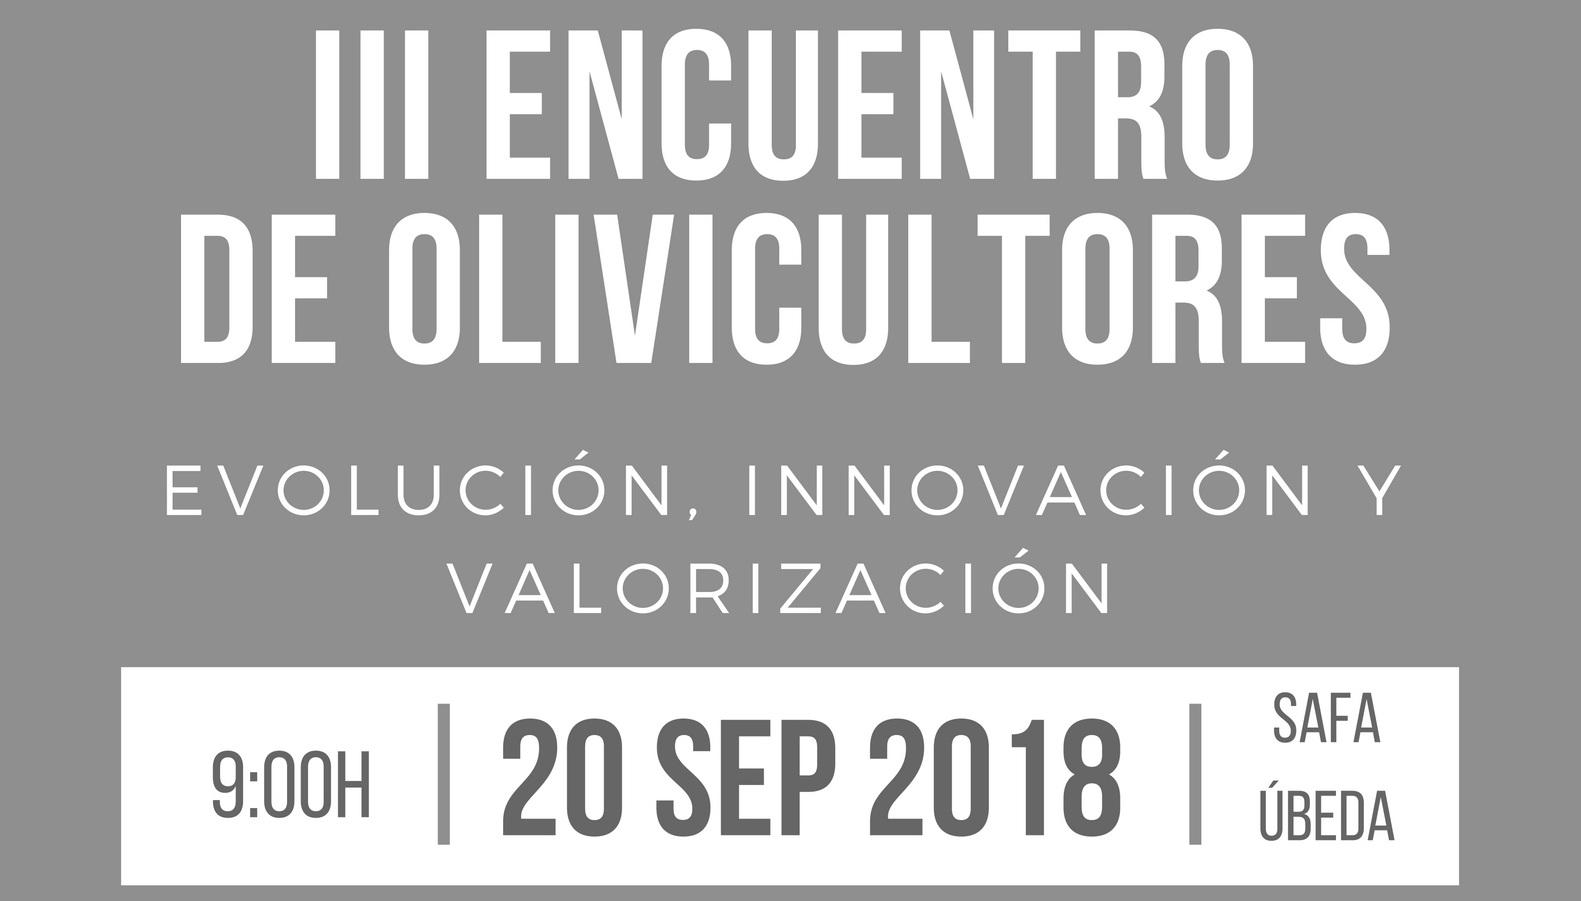 Abierto el plazo de inscripción para participar en el III Encuentro de Olivicultores que organiza el